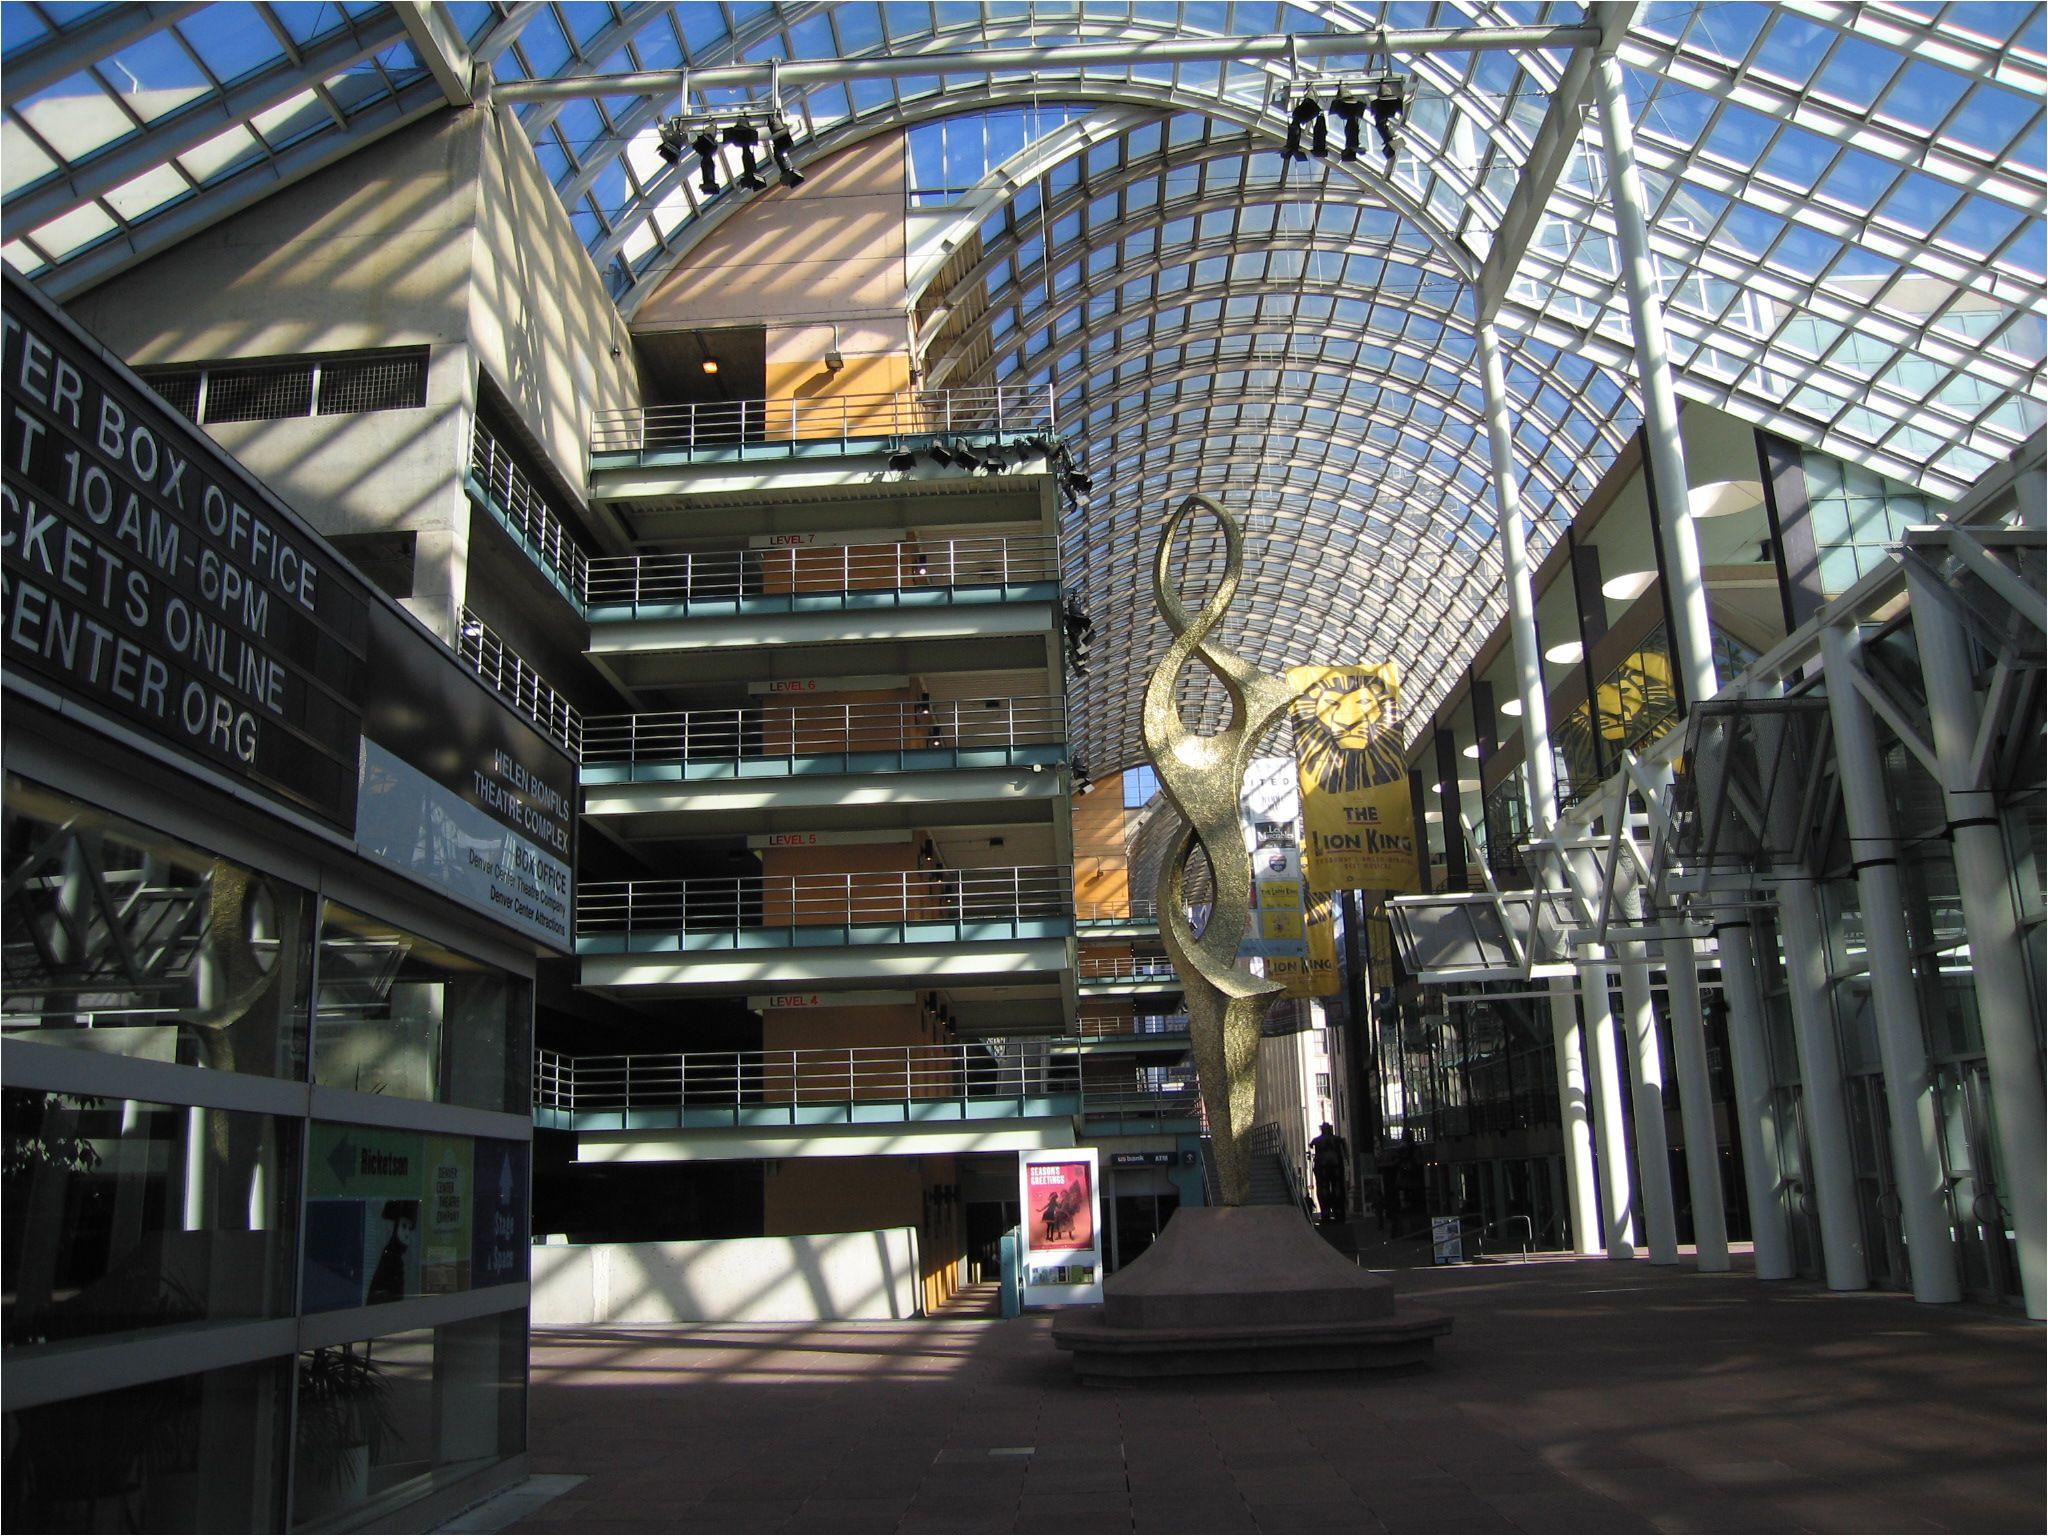 denver performing arts center 3 56a351df3df78cf7727ce26c jpg